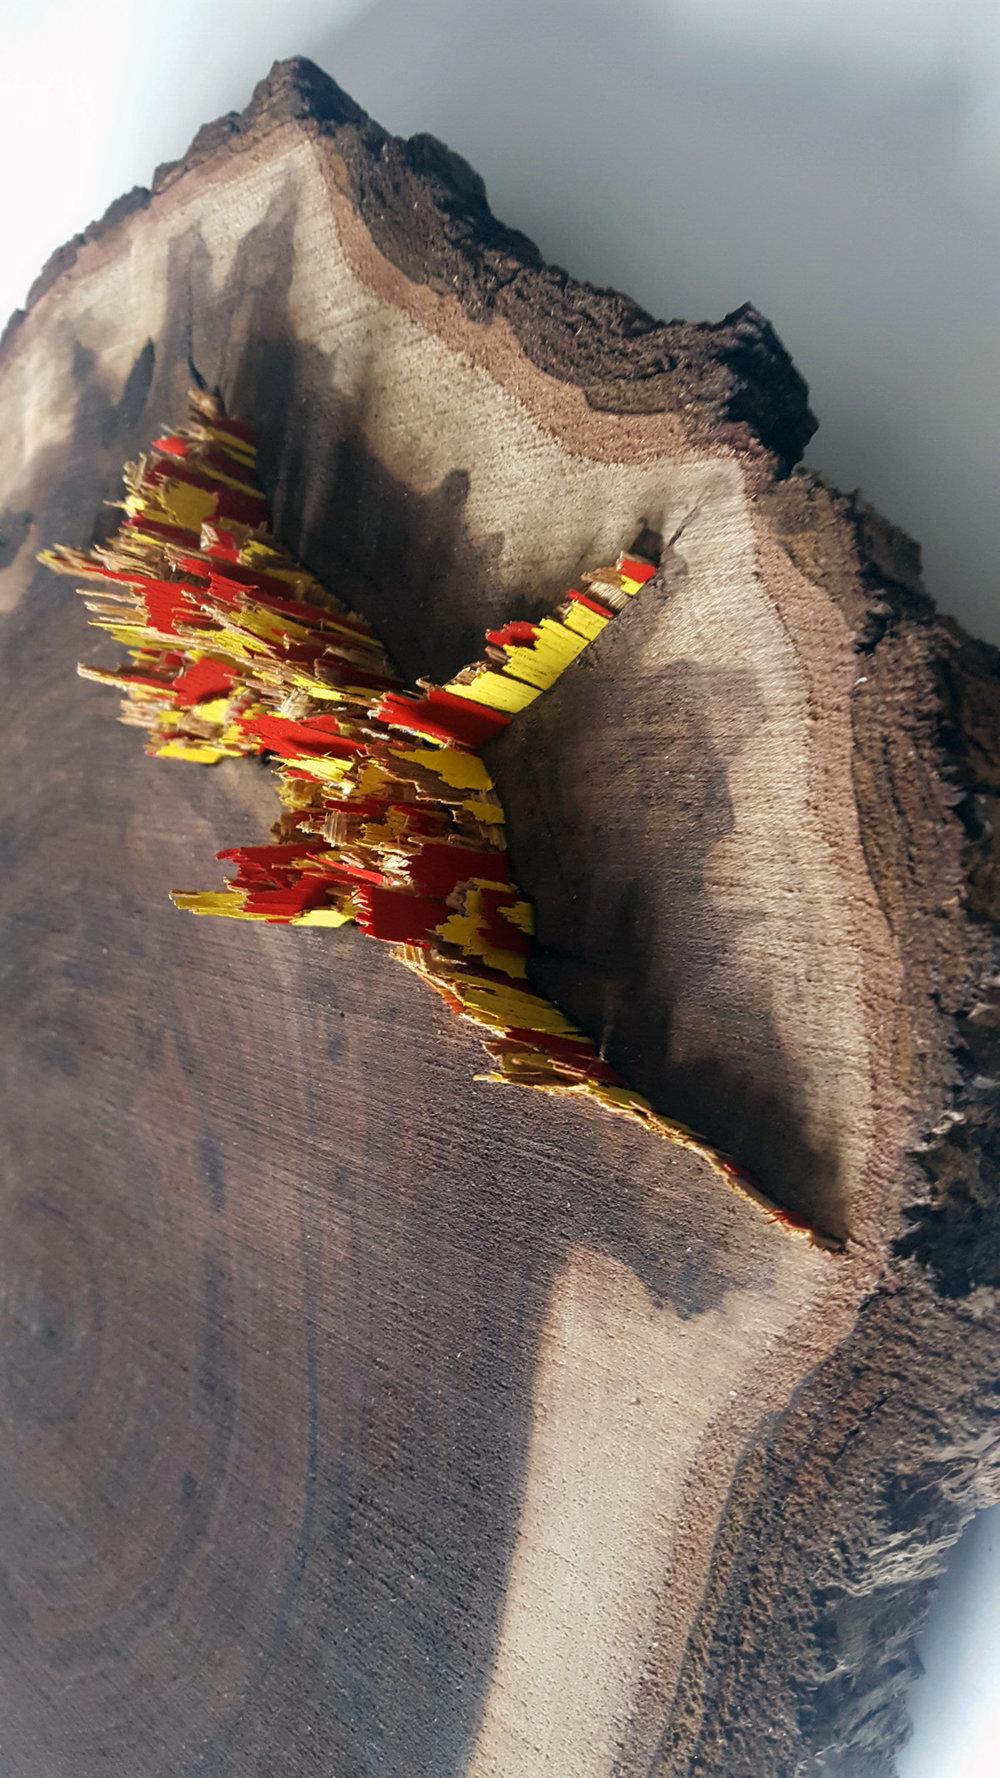 Fire Round Detail